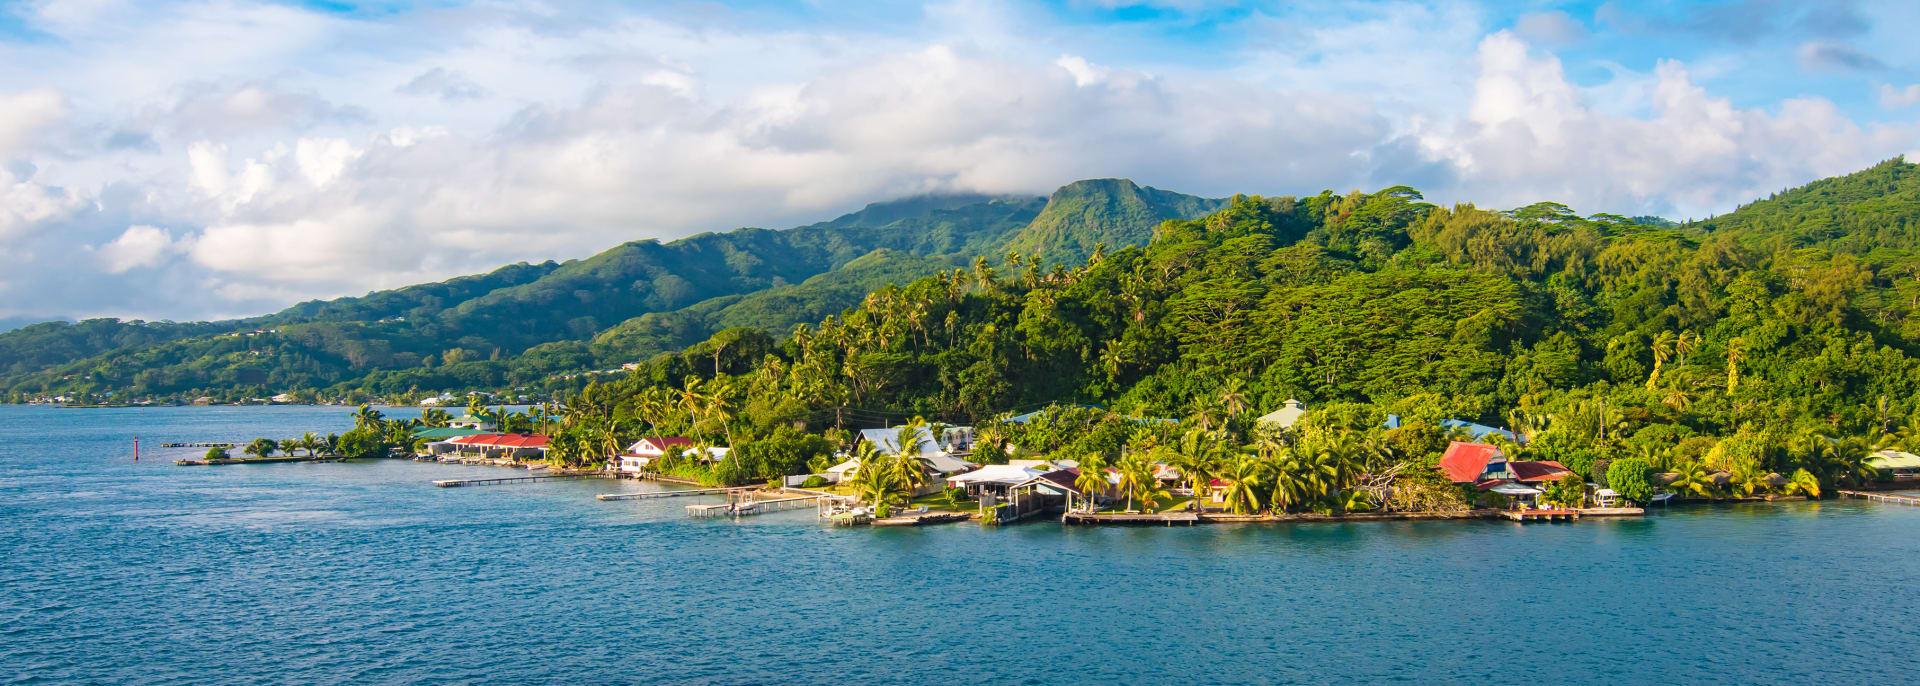 Raiatea, Französisch Polynesien